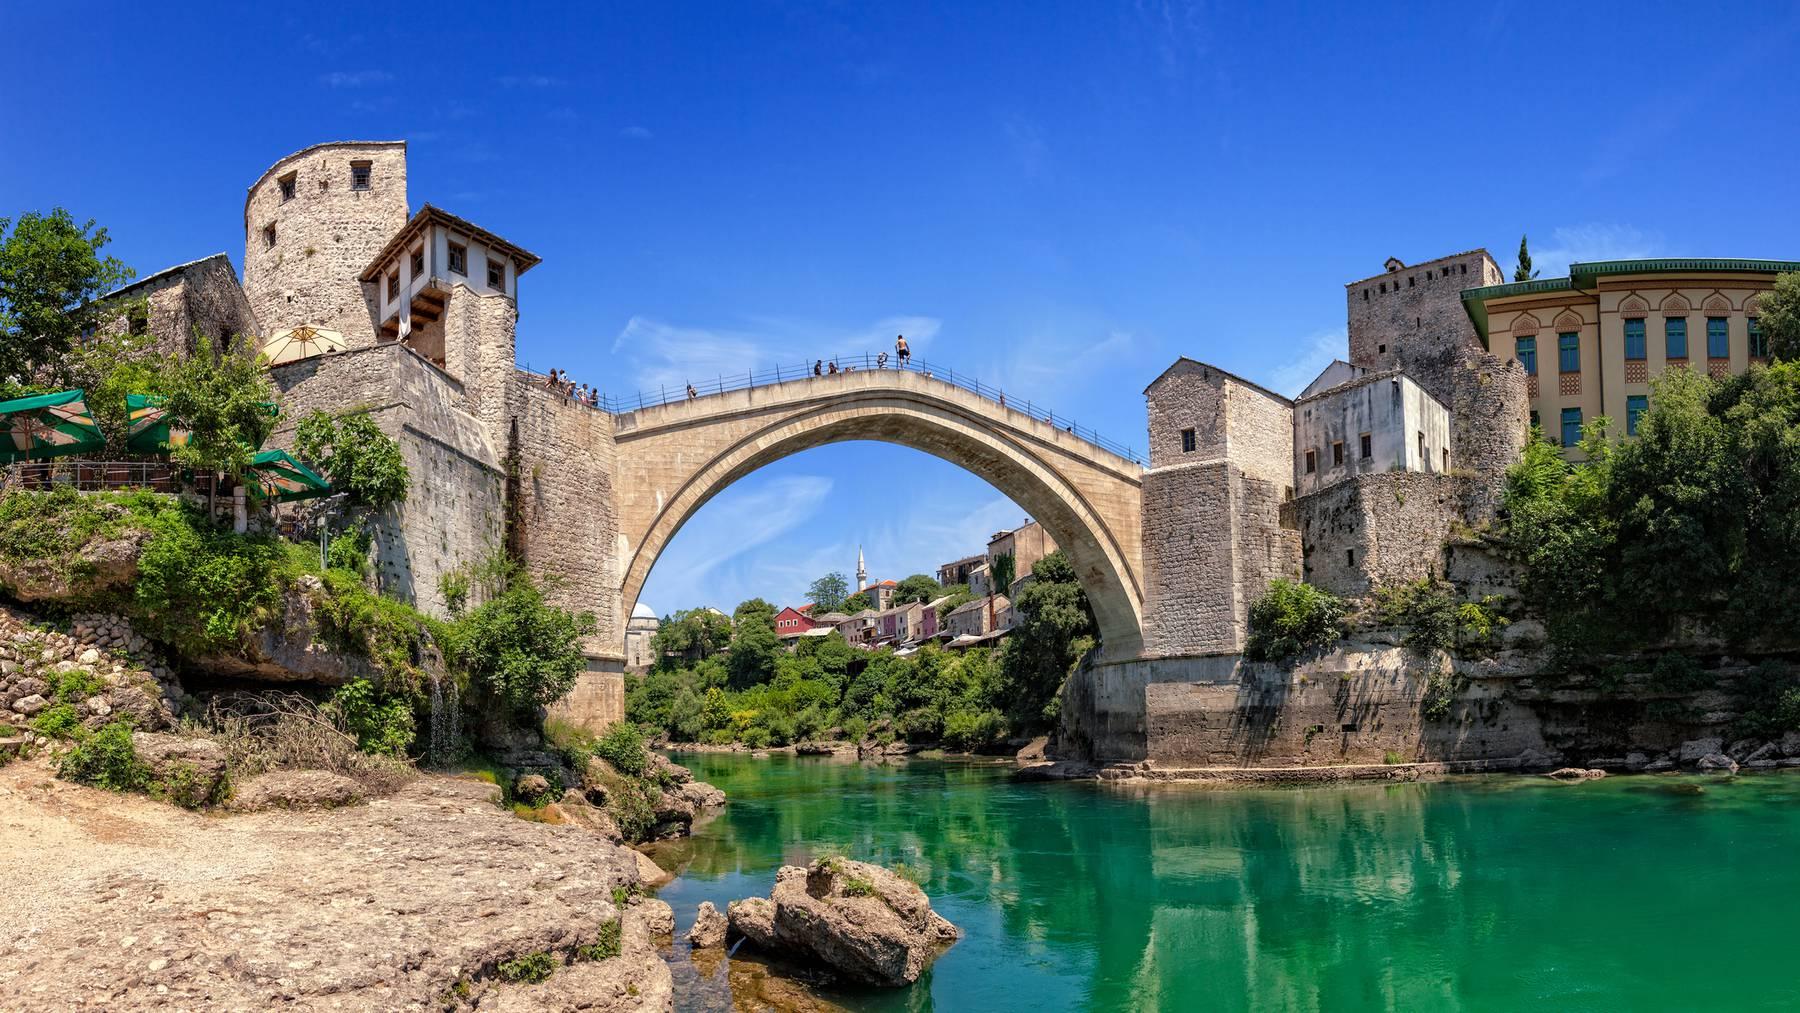 Wo steht diese schöne Brücke nochmal?